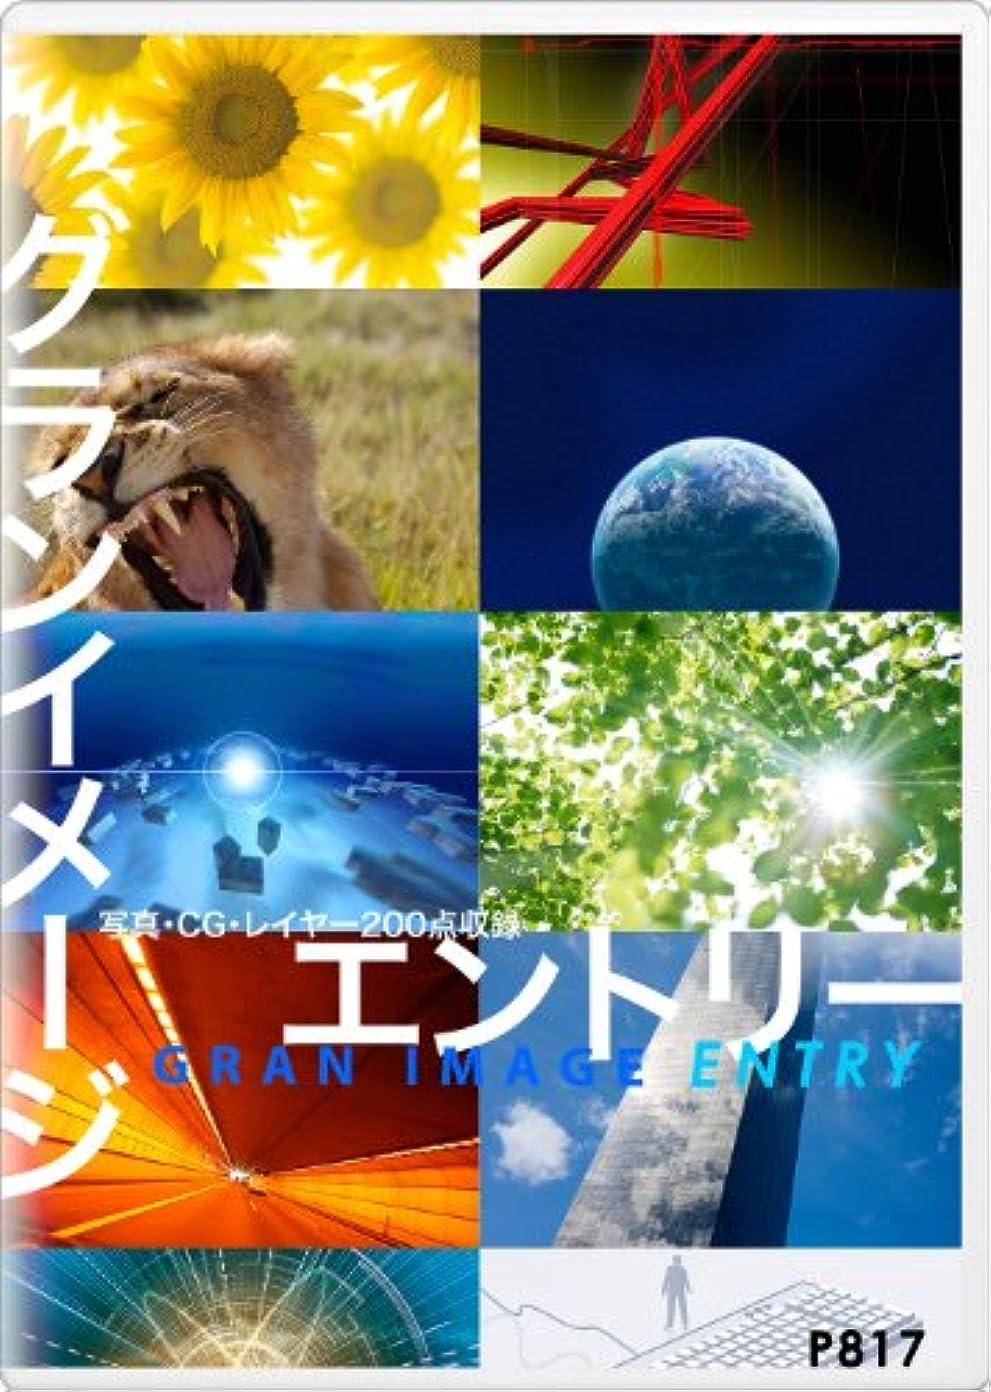 台風疼痛支給グランイメージ P817 グランイメージエントリー(ロイヤリティフリー画像素材集)